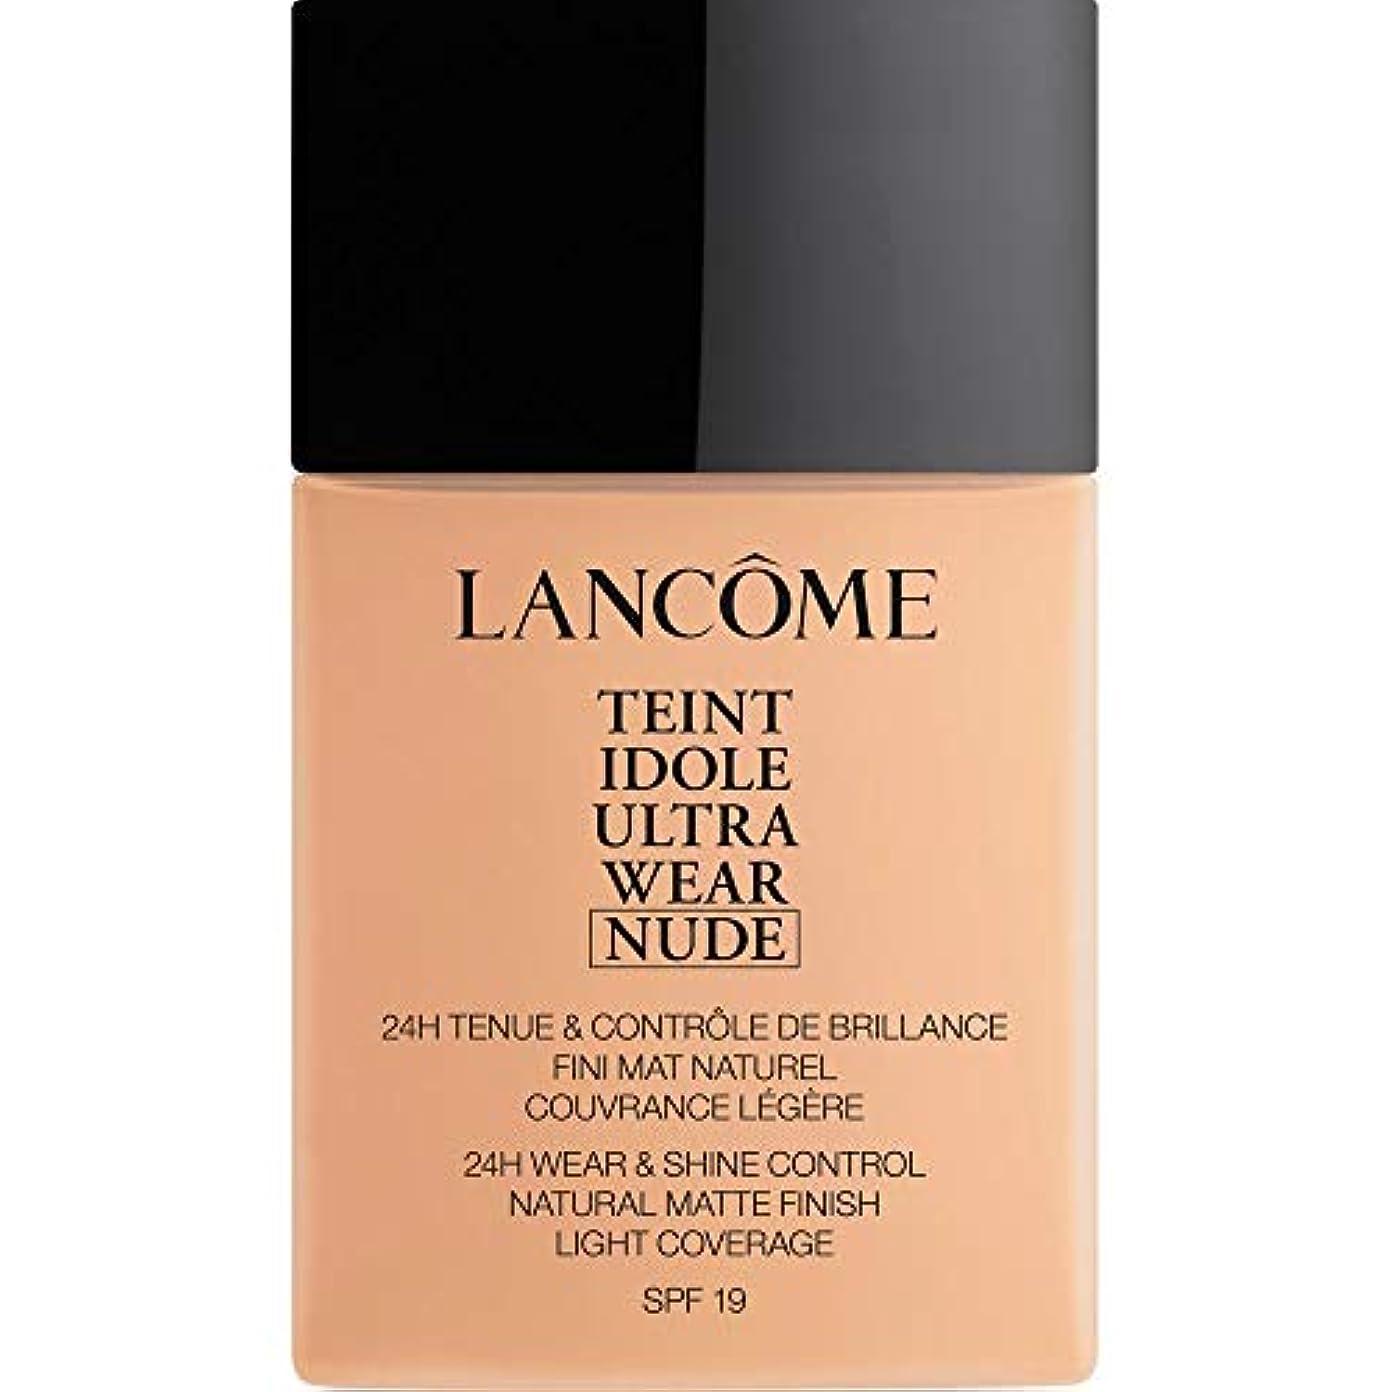 等々ランダム重要性[Lanc?me ] ランコムTeintのIdole超摩耗ヌード財団Spf19の40ミリリットル023 - ベージュオロール - Lancome Teint Idole Ultra Wear Nude Foundation...